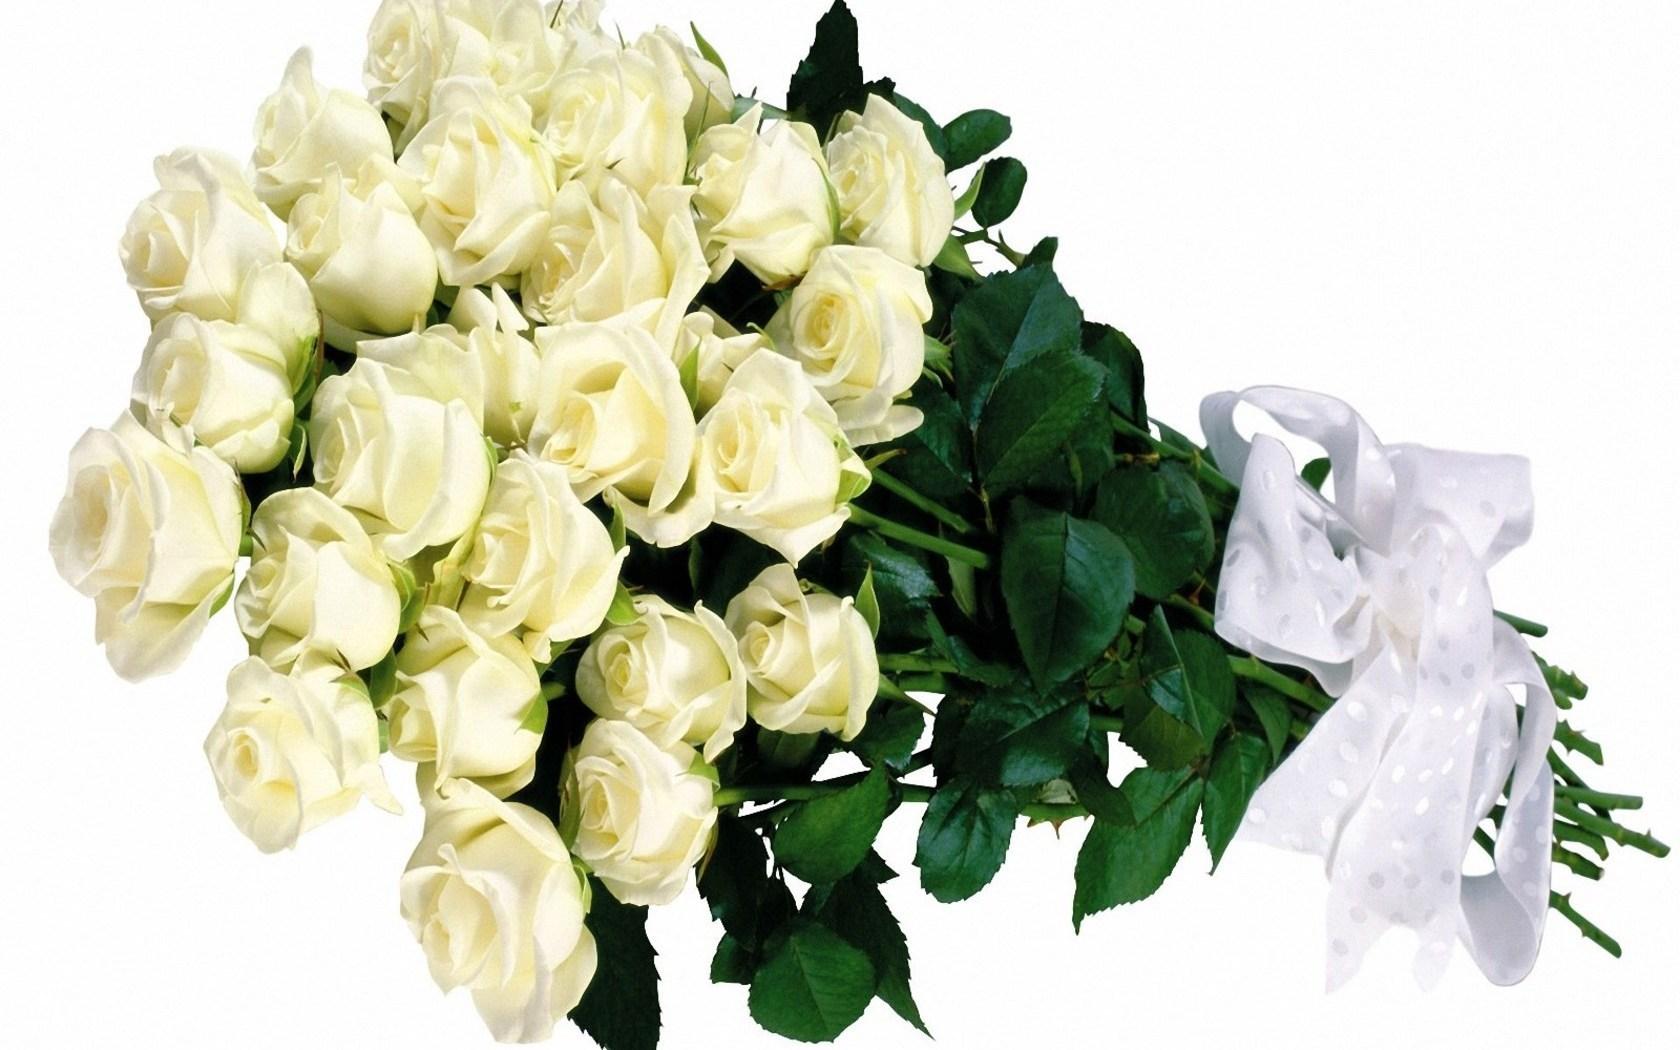 фото на тему шикарные белые розы лифта здании